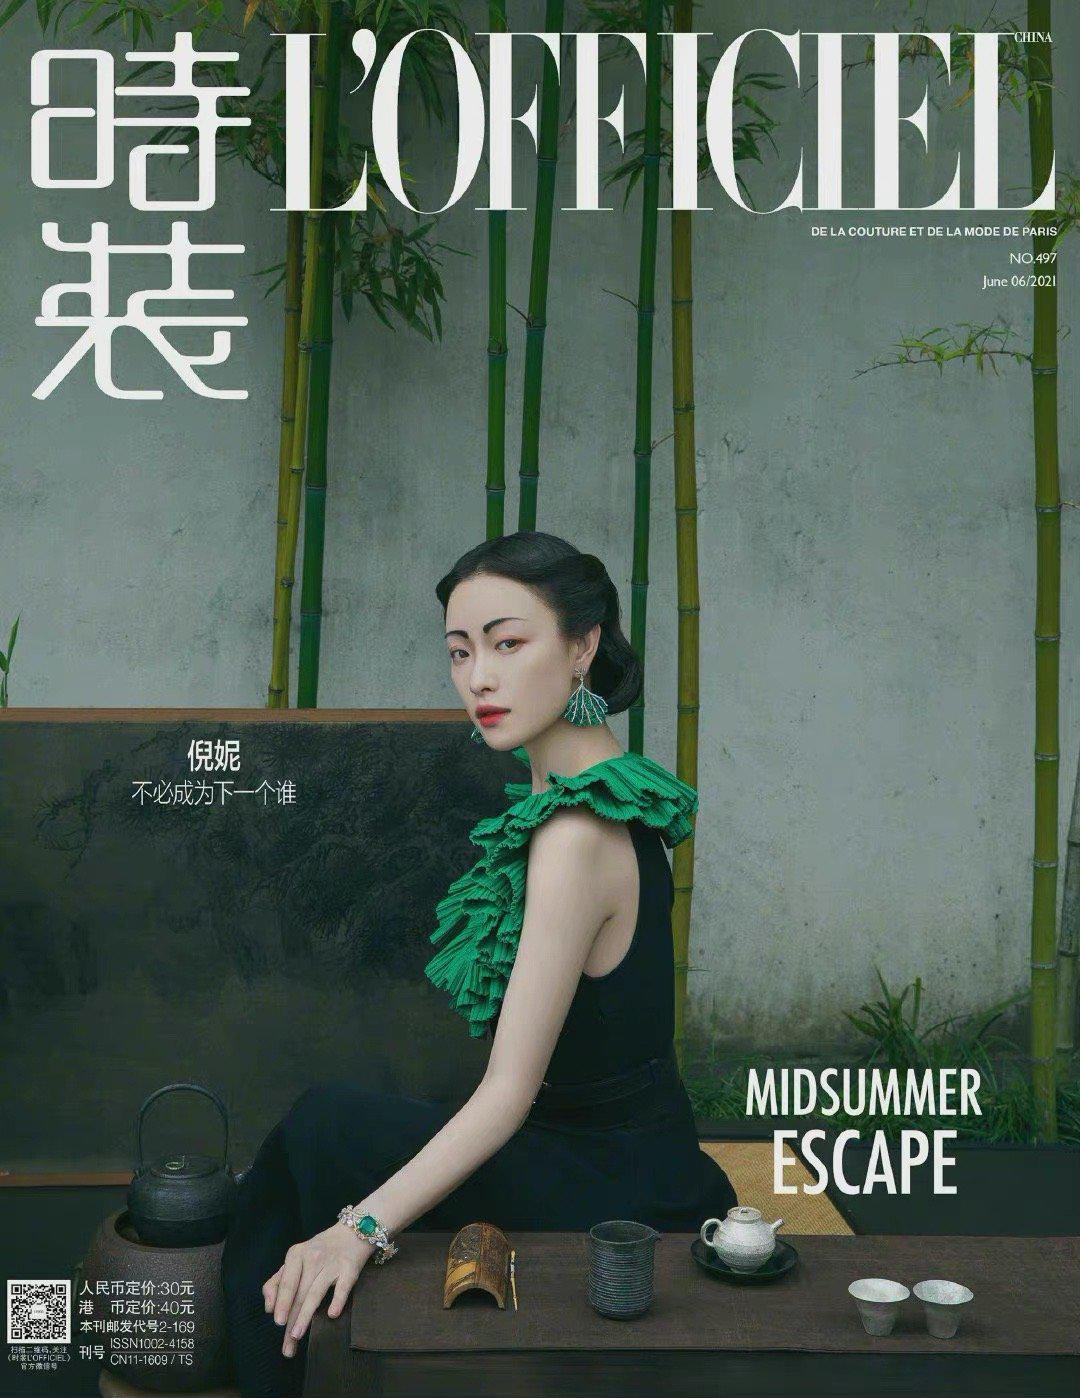 倪妮 时装 LOFFICIEL六月刊封面大片,复古的妆容……